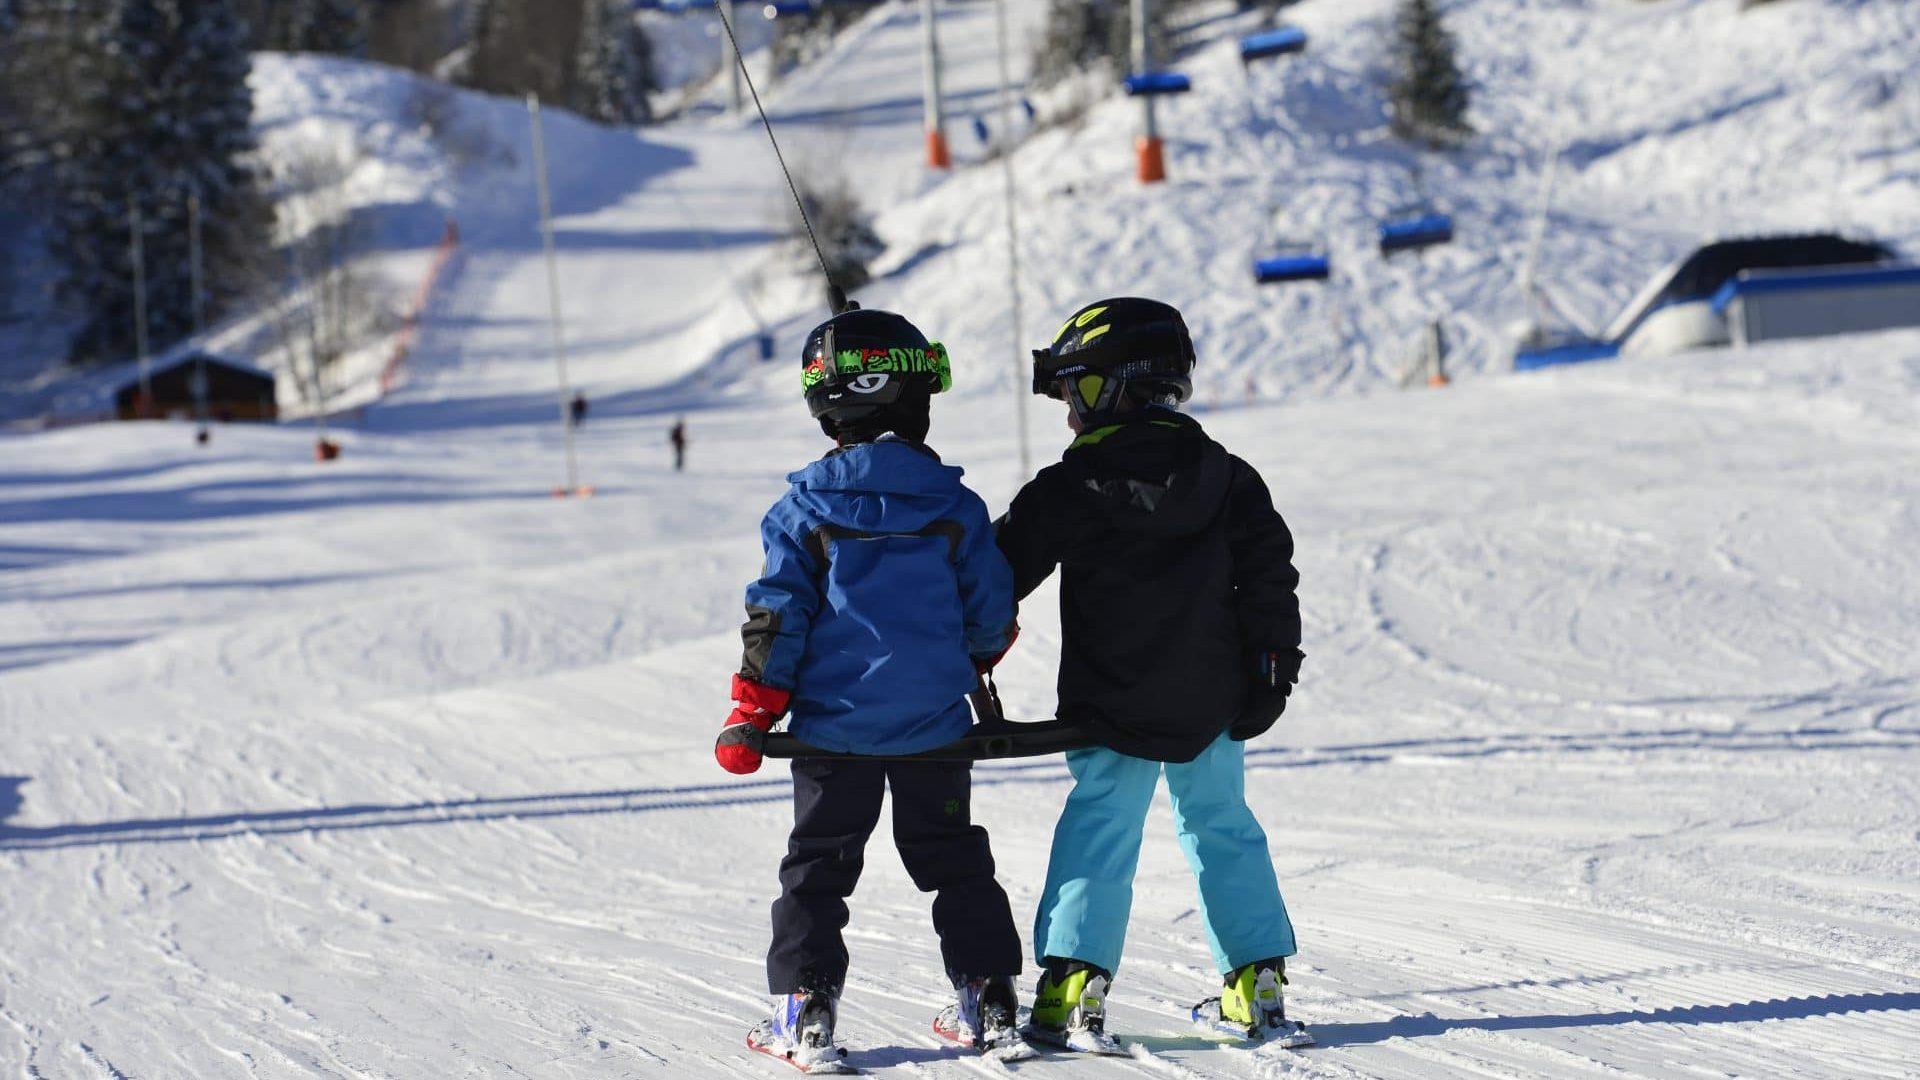 Brauneck Bergbahn - Tag im Schnee - Kinder fahren frei - Fotograf Hubert Walther